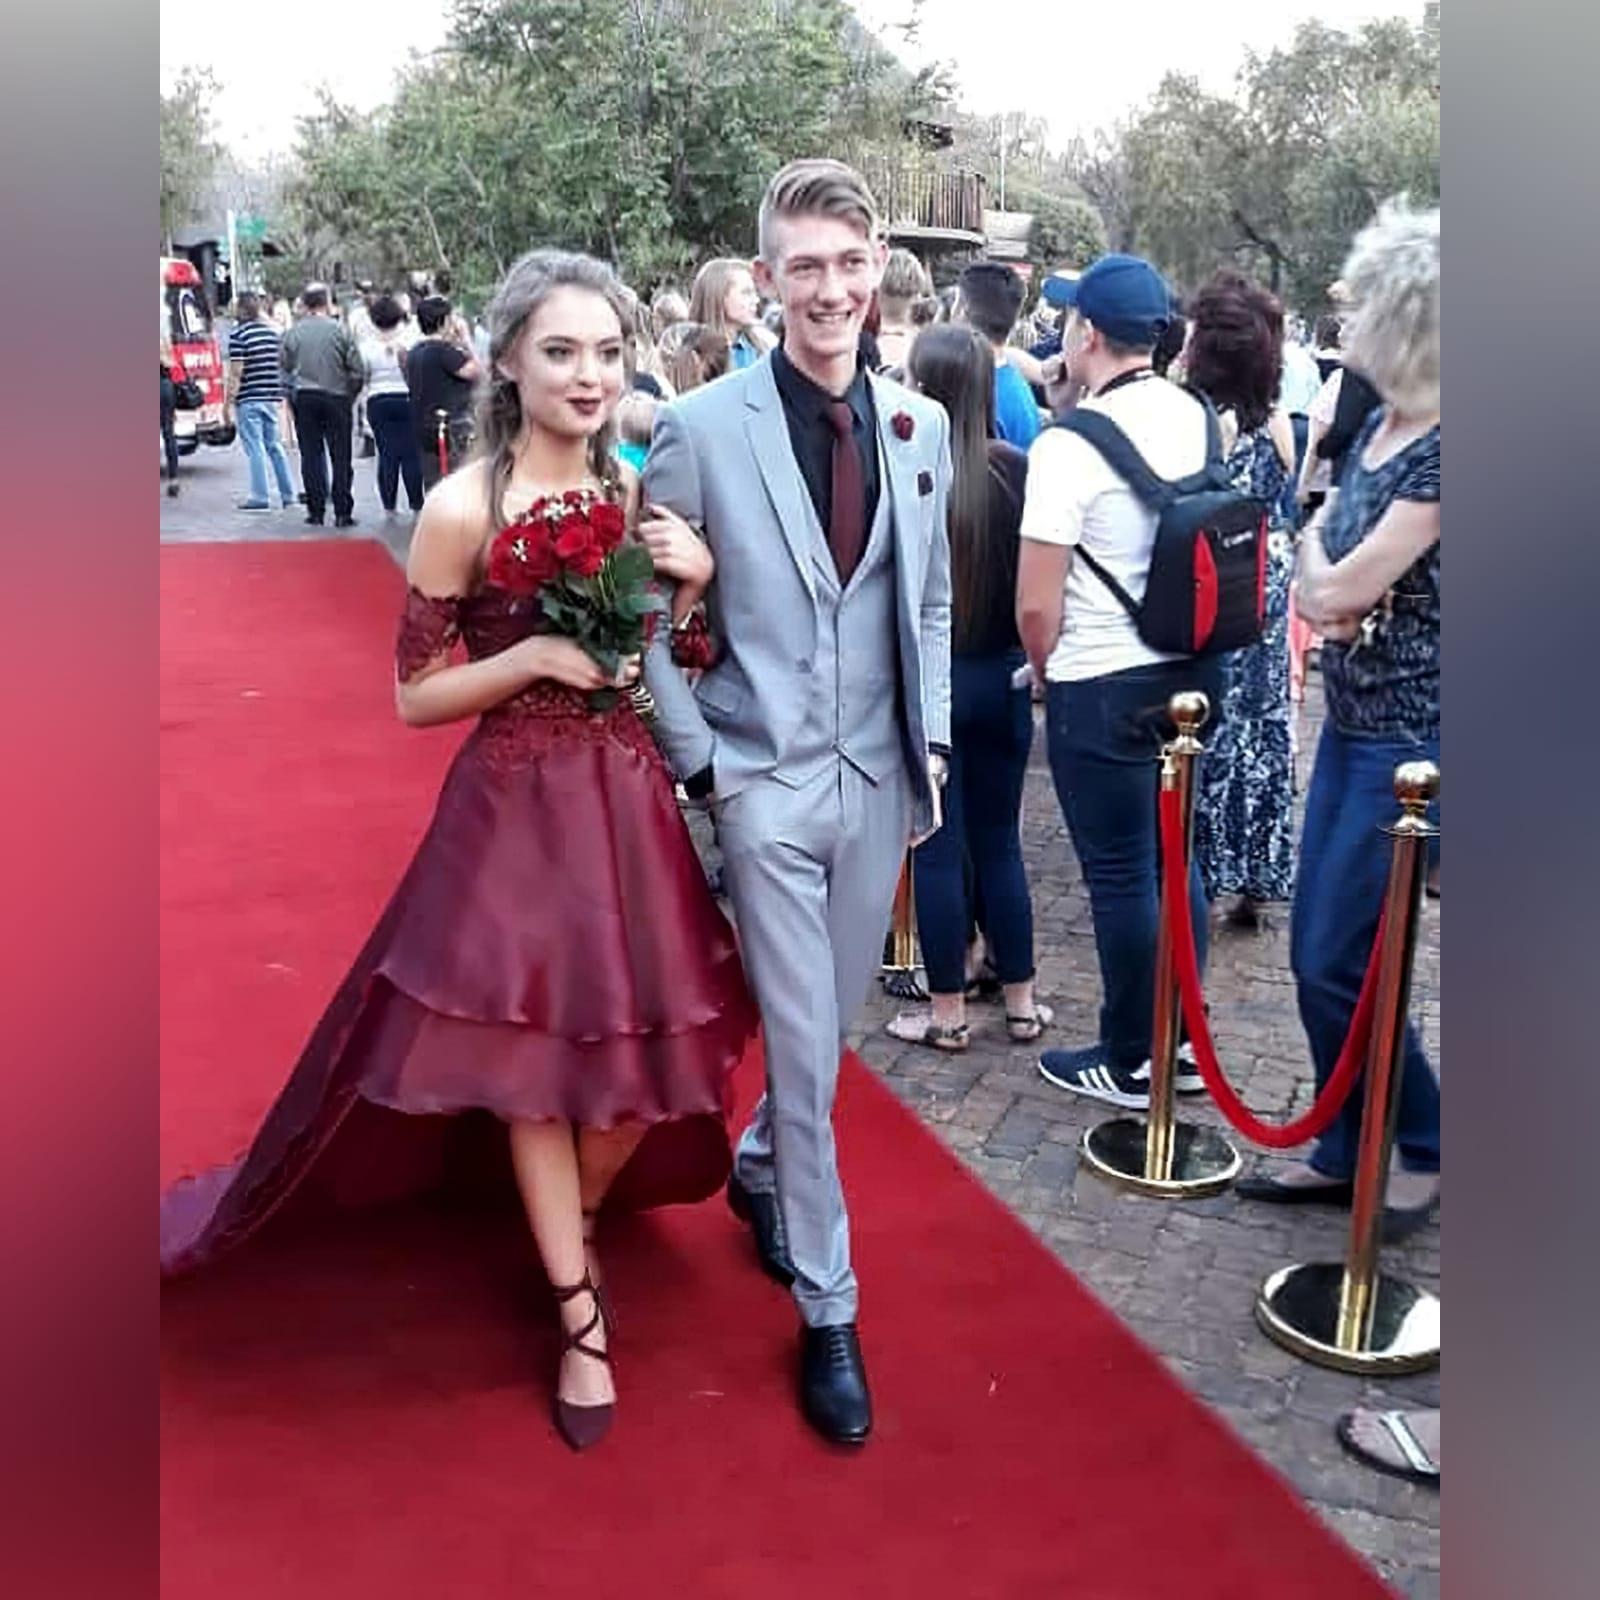 Vestido de finalistas vermelho escuro 1 o vestido de finalistas vermelho escuro perfeito para a sua noite de finalistas, se você quiser um visual chic, mas adorável. Com um corpete de renda e um fundo de duas camadas alto-baixo esvoaçante para um efeito dramático.